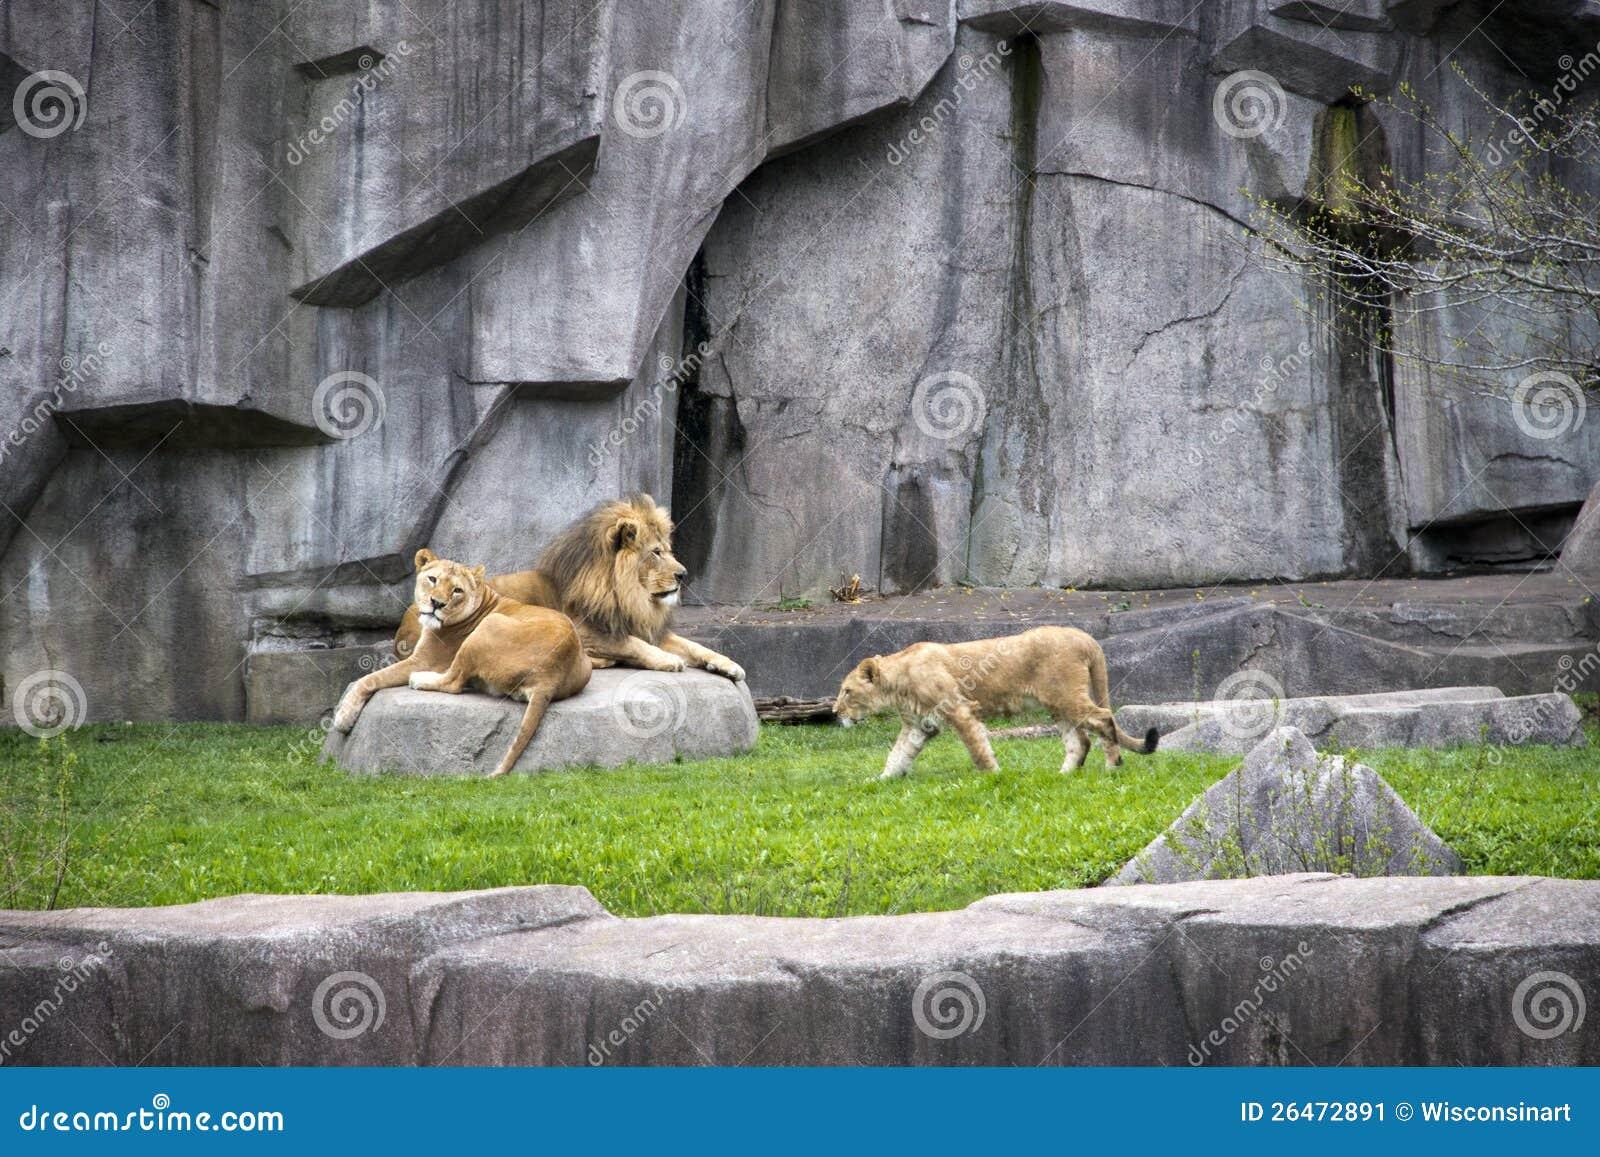 Mannelijke Leeuw, Leeuwin, het Wild van de Welp, de Moderne Kooi van de Dierentuin